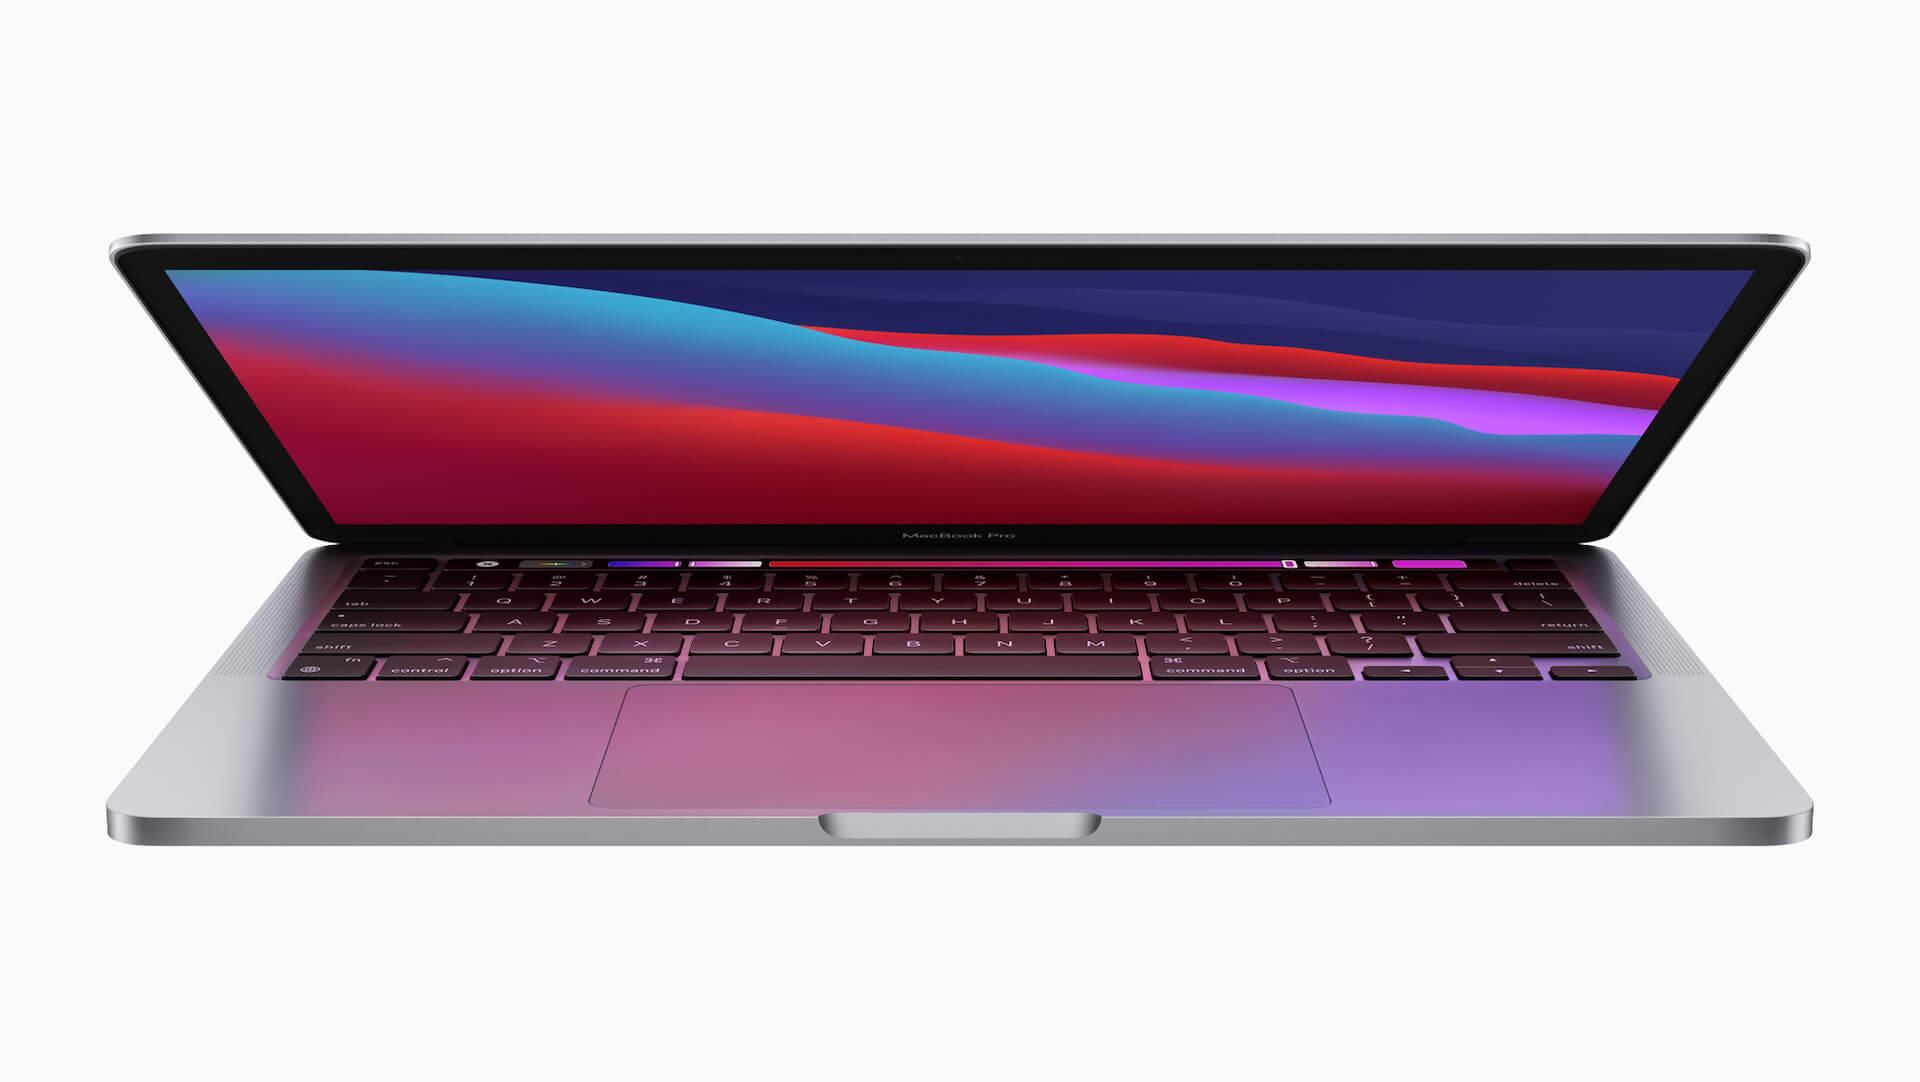 2種類のMacBook Proが今年下半期に大量生産開始で今年中に発表?ミニLED採用モデルとして登場か tech210310_macbookpro_1